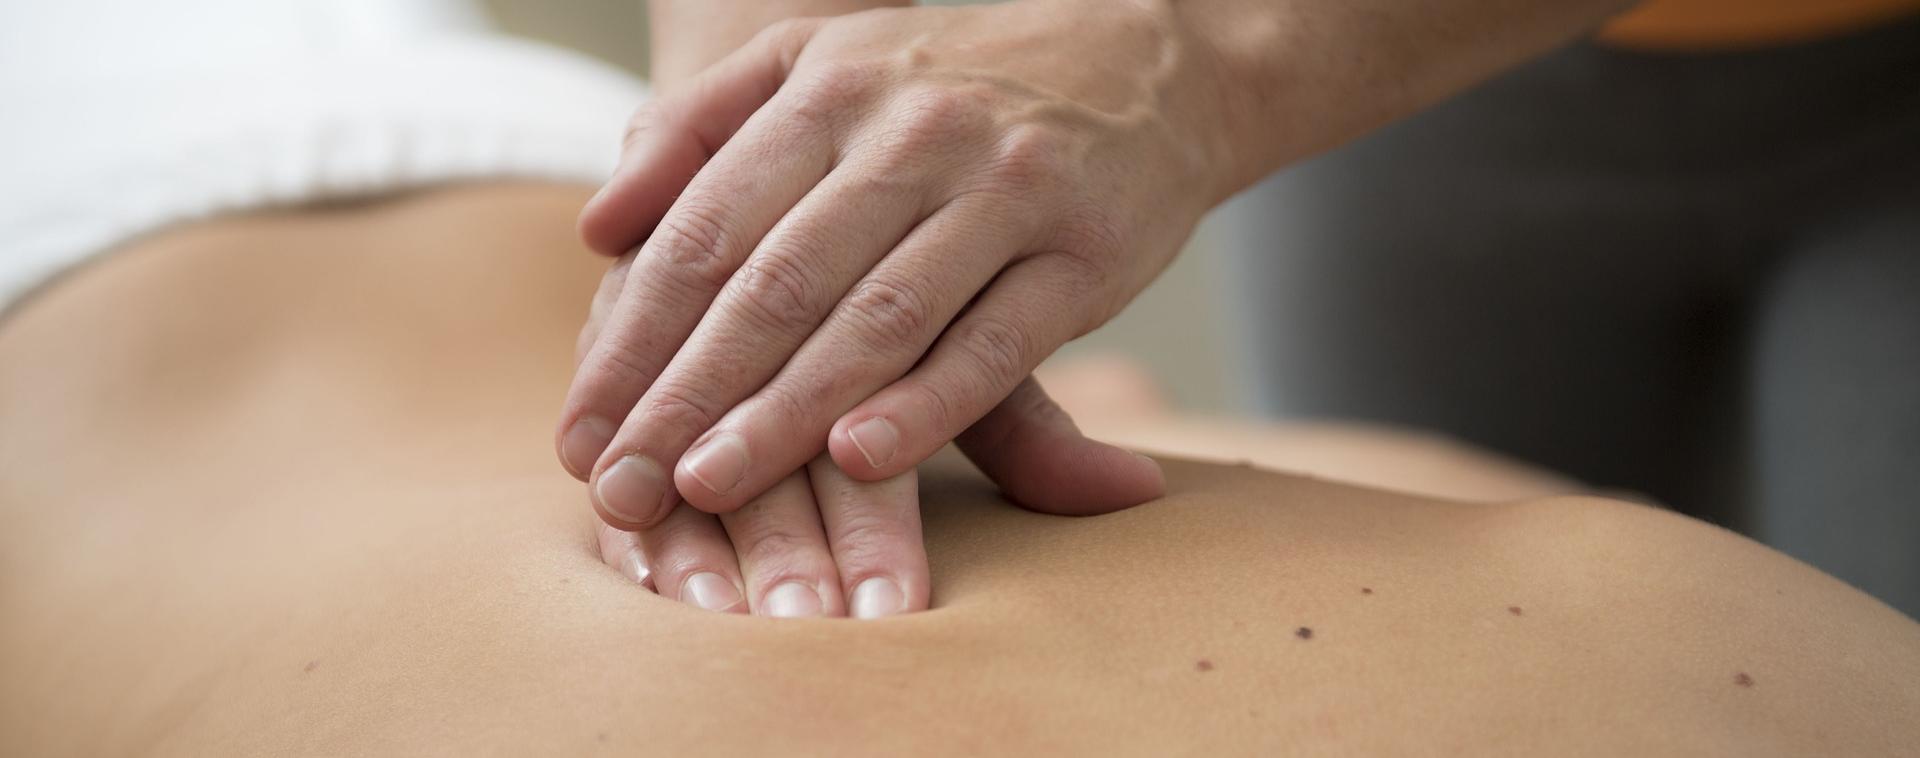 Les bienfaits du massage Chi Nei Tsang : Tout ce que vous devez savoir